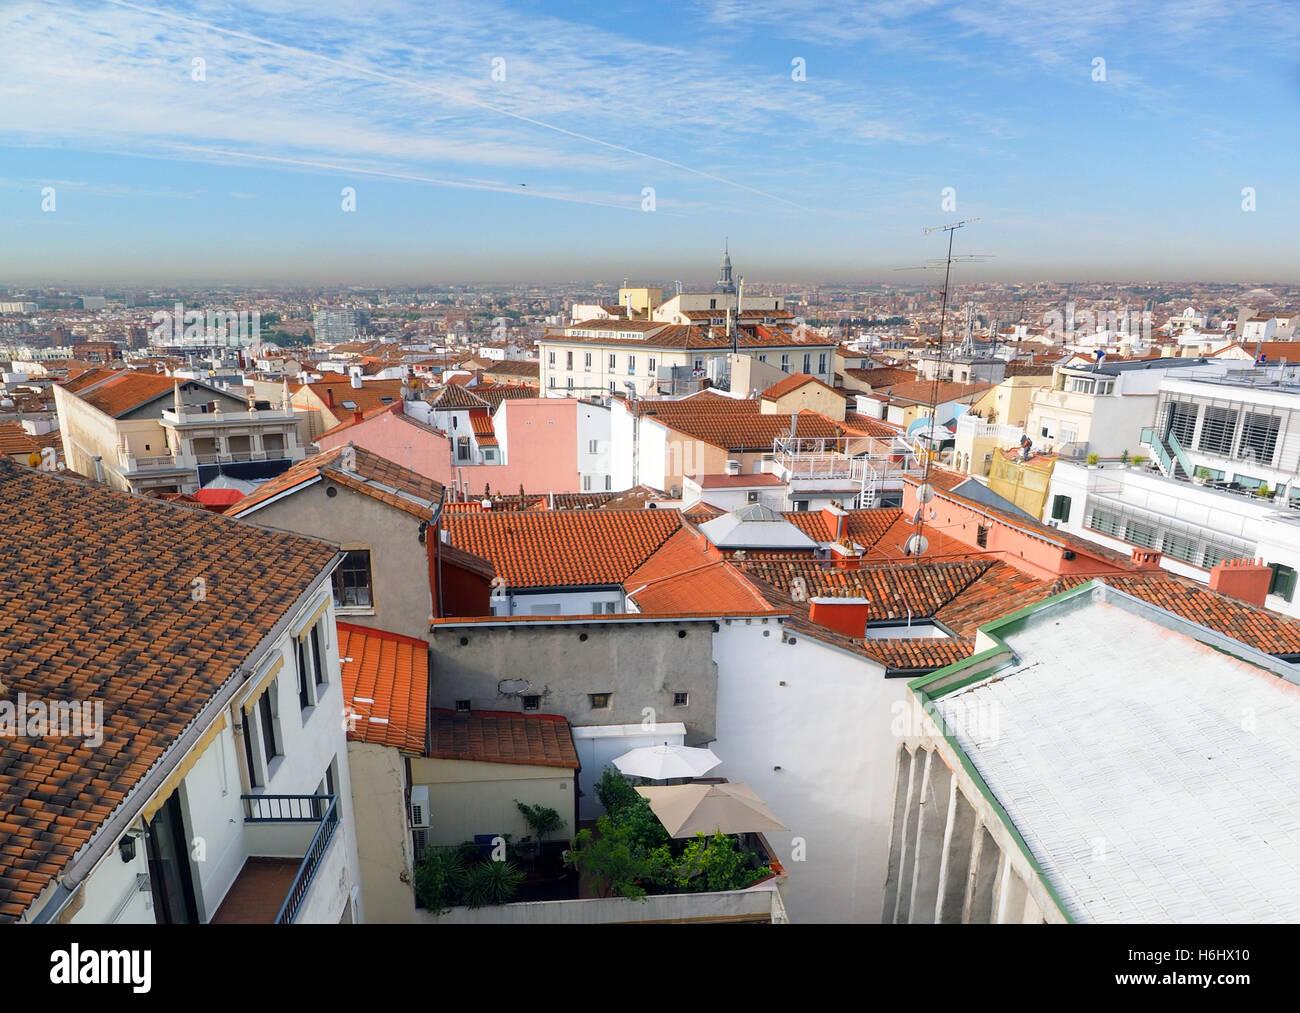 Panorama metropolitan Madrid España Europa con techo de tejas rojas condominios oficinas y la Catedral. Imagen De Stock